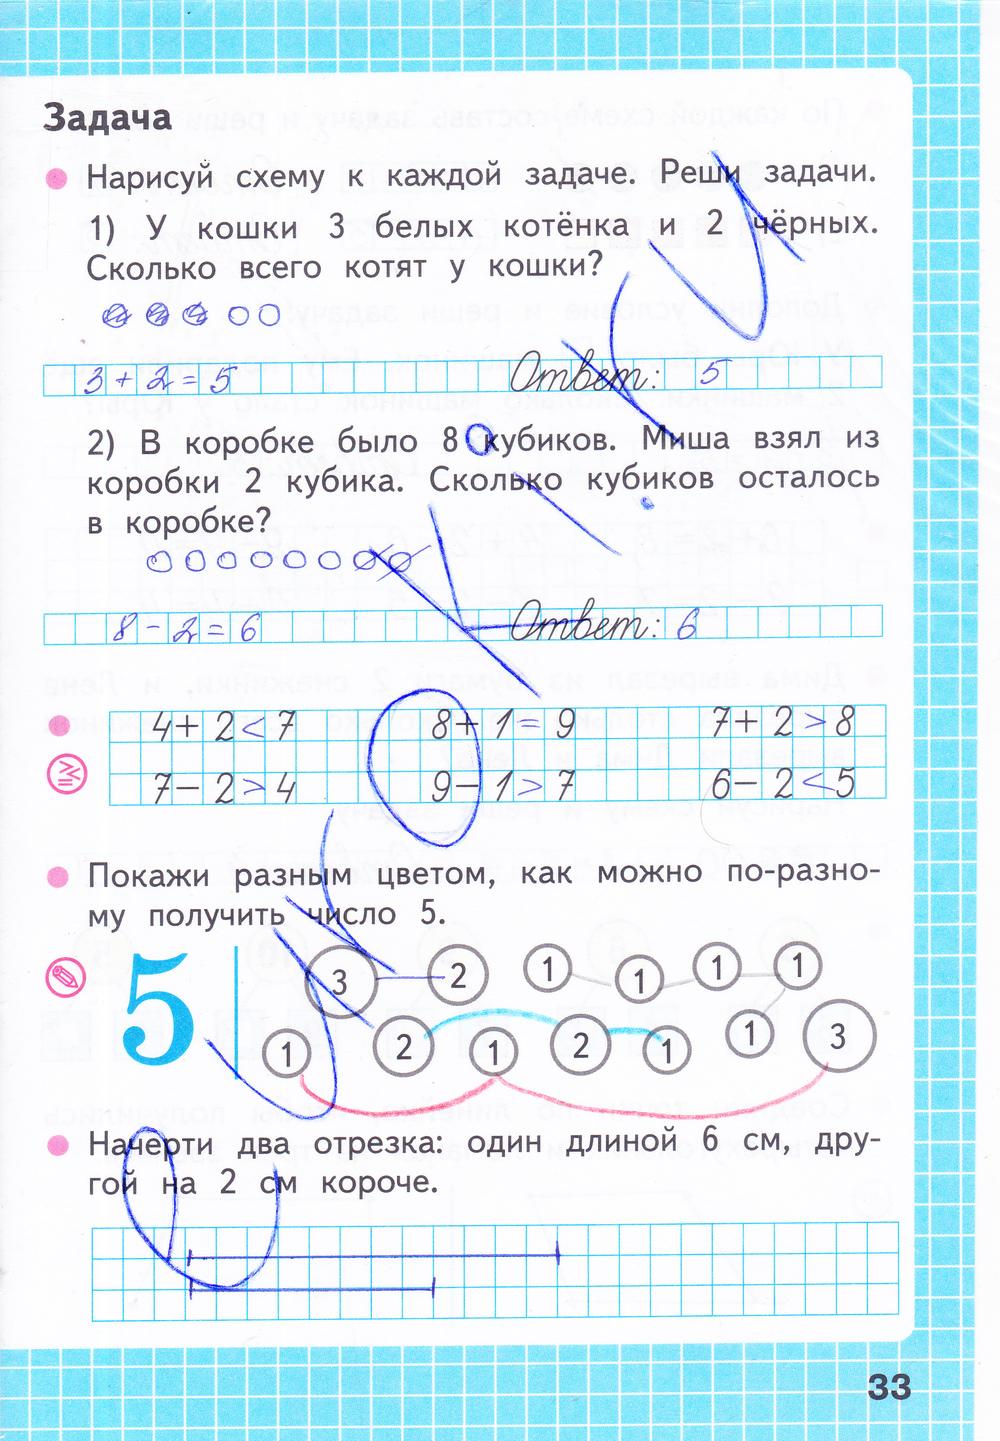 Гдз по математике 1 класса 2 часть рабочая тетрадь 1 часть моро волкова